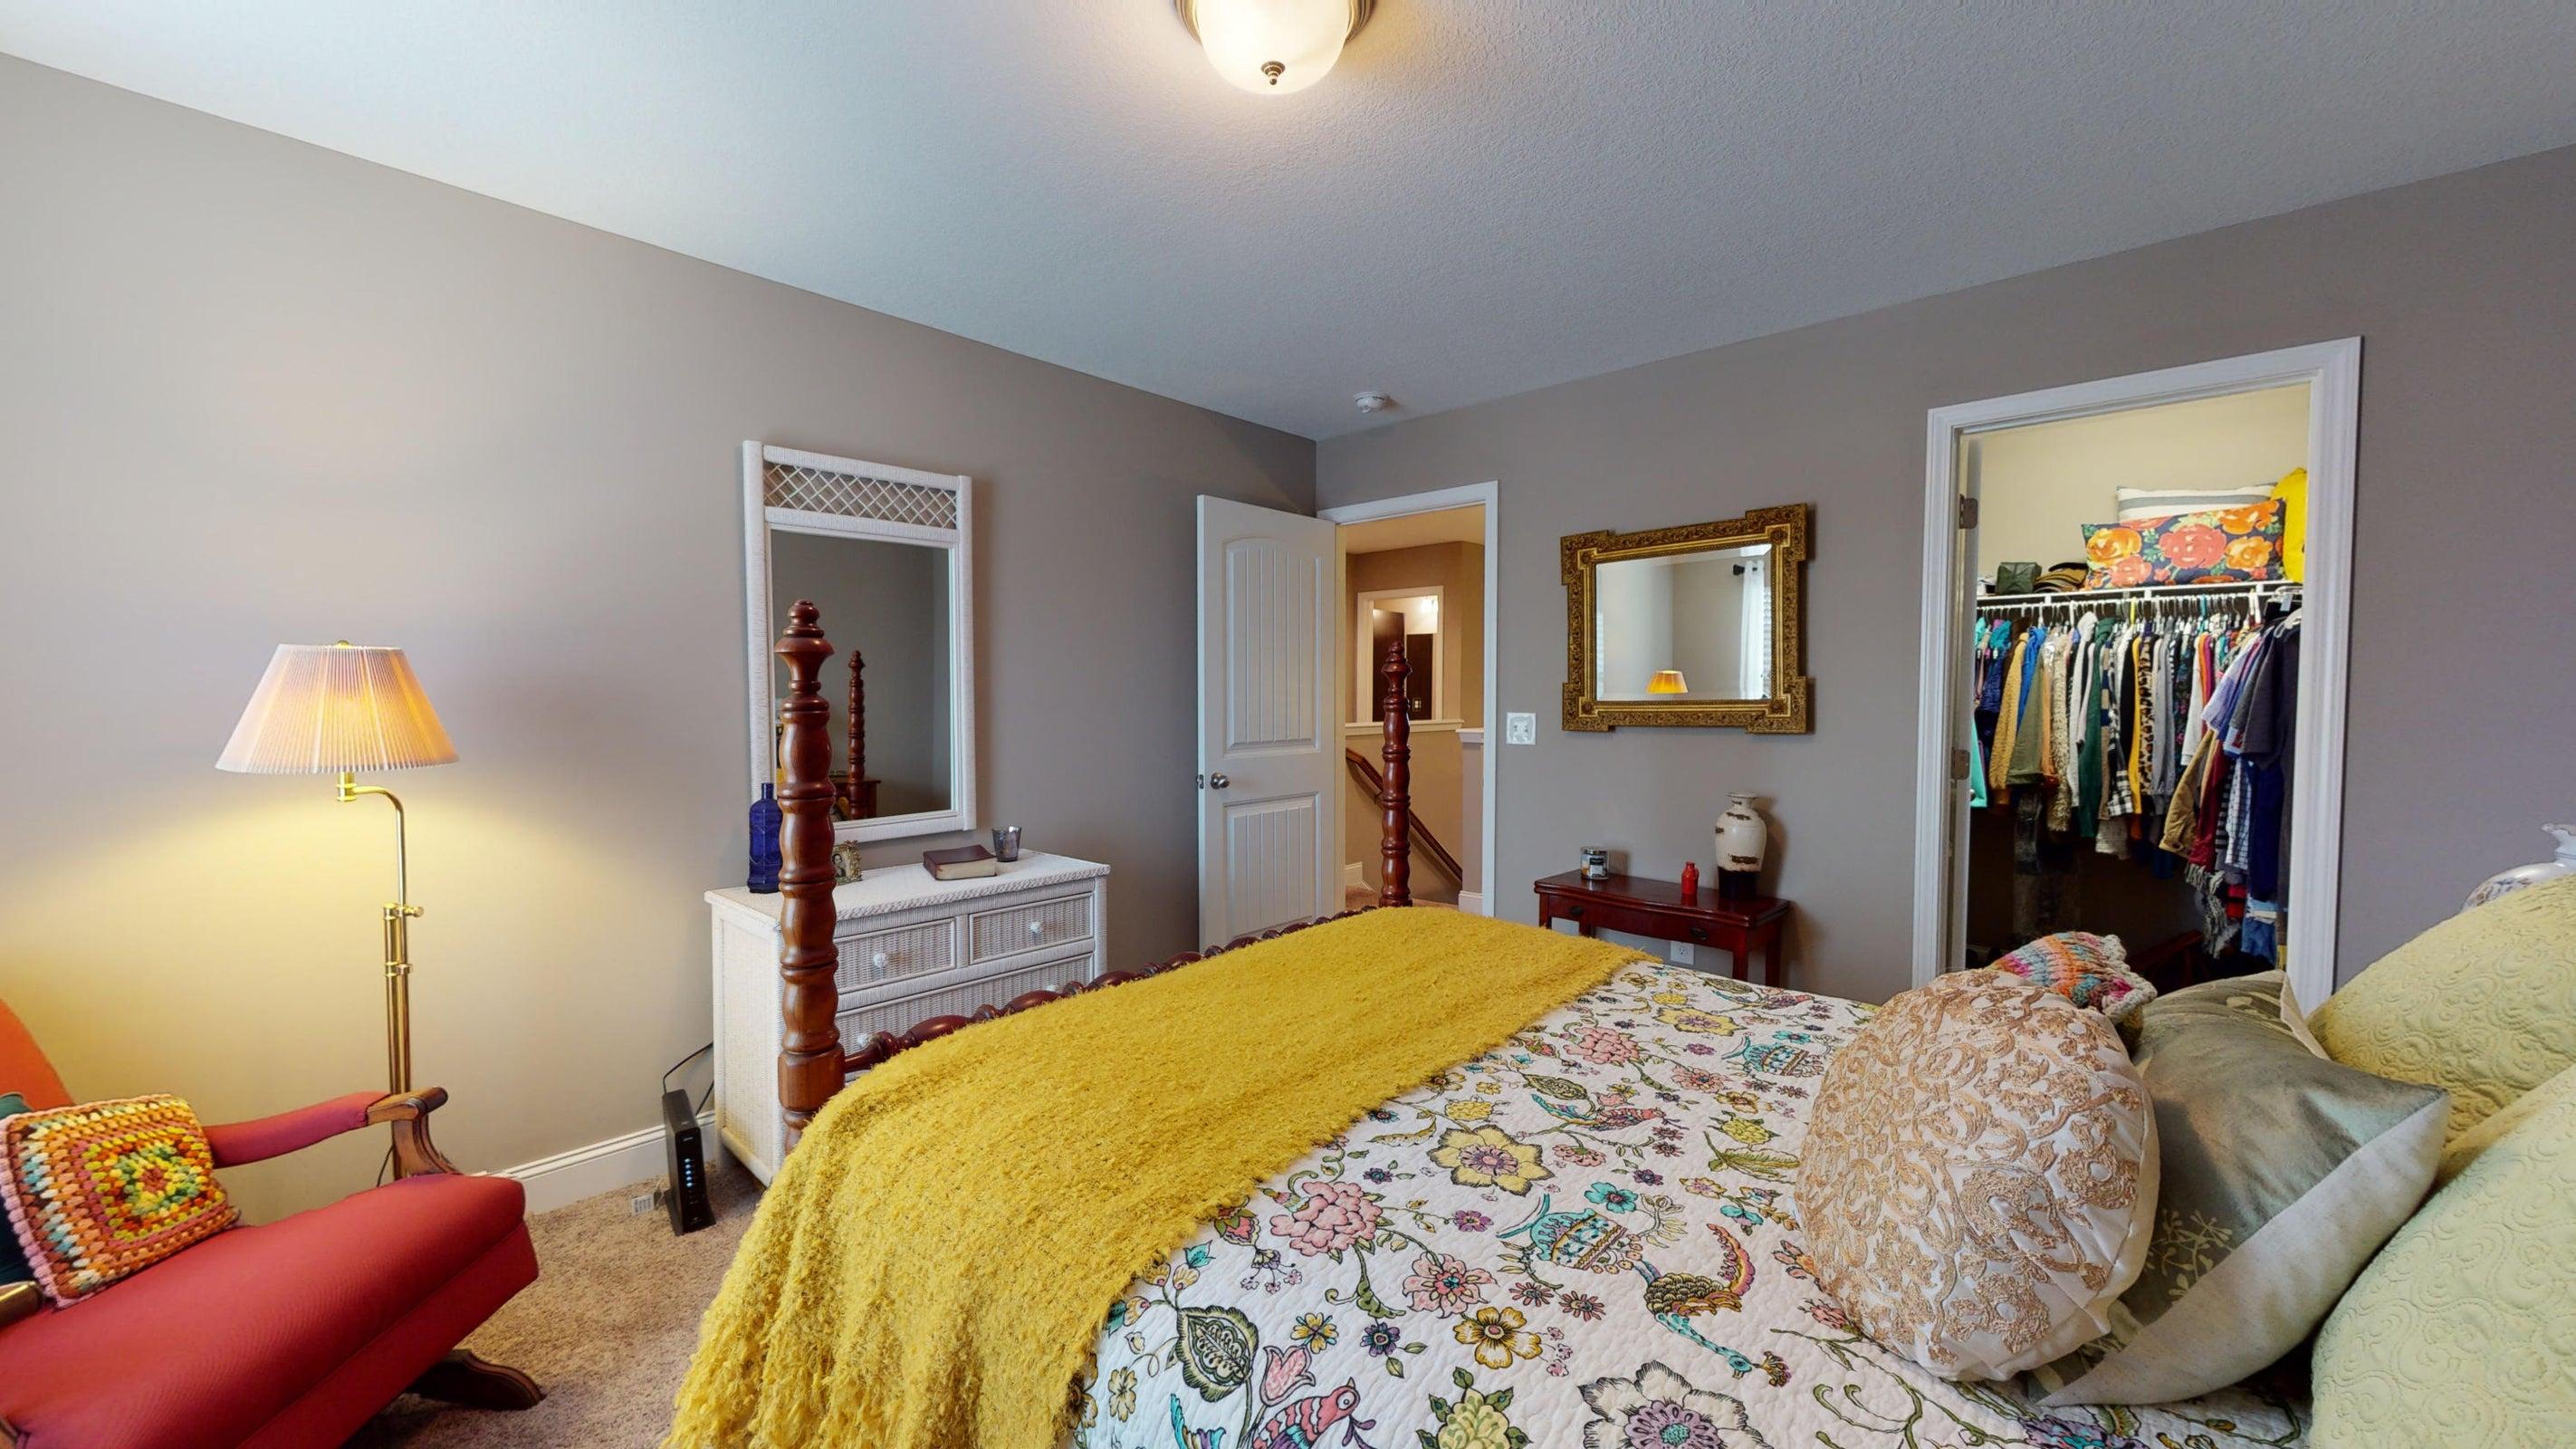 2352-Madeline-lane-Bedroom-1